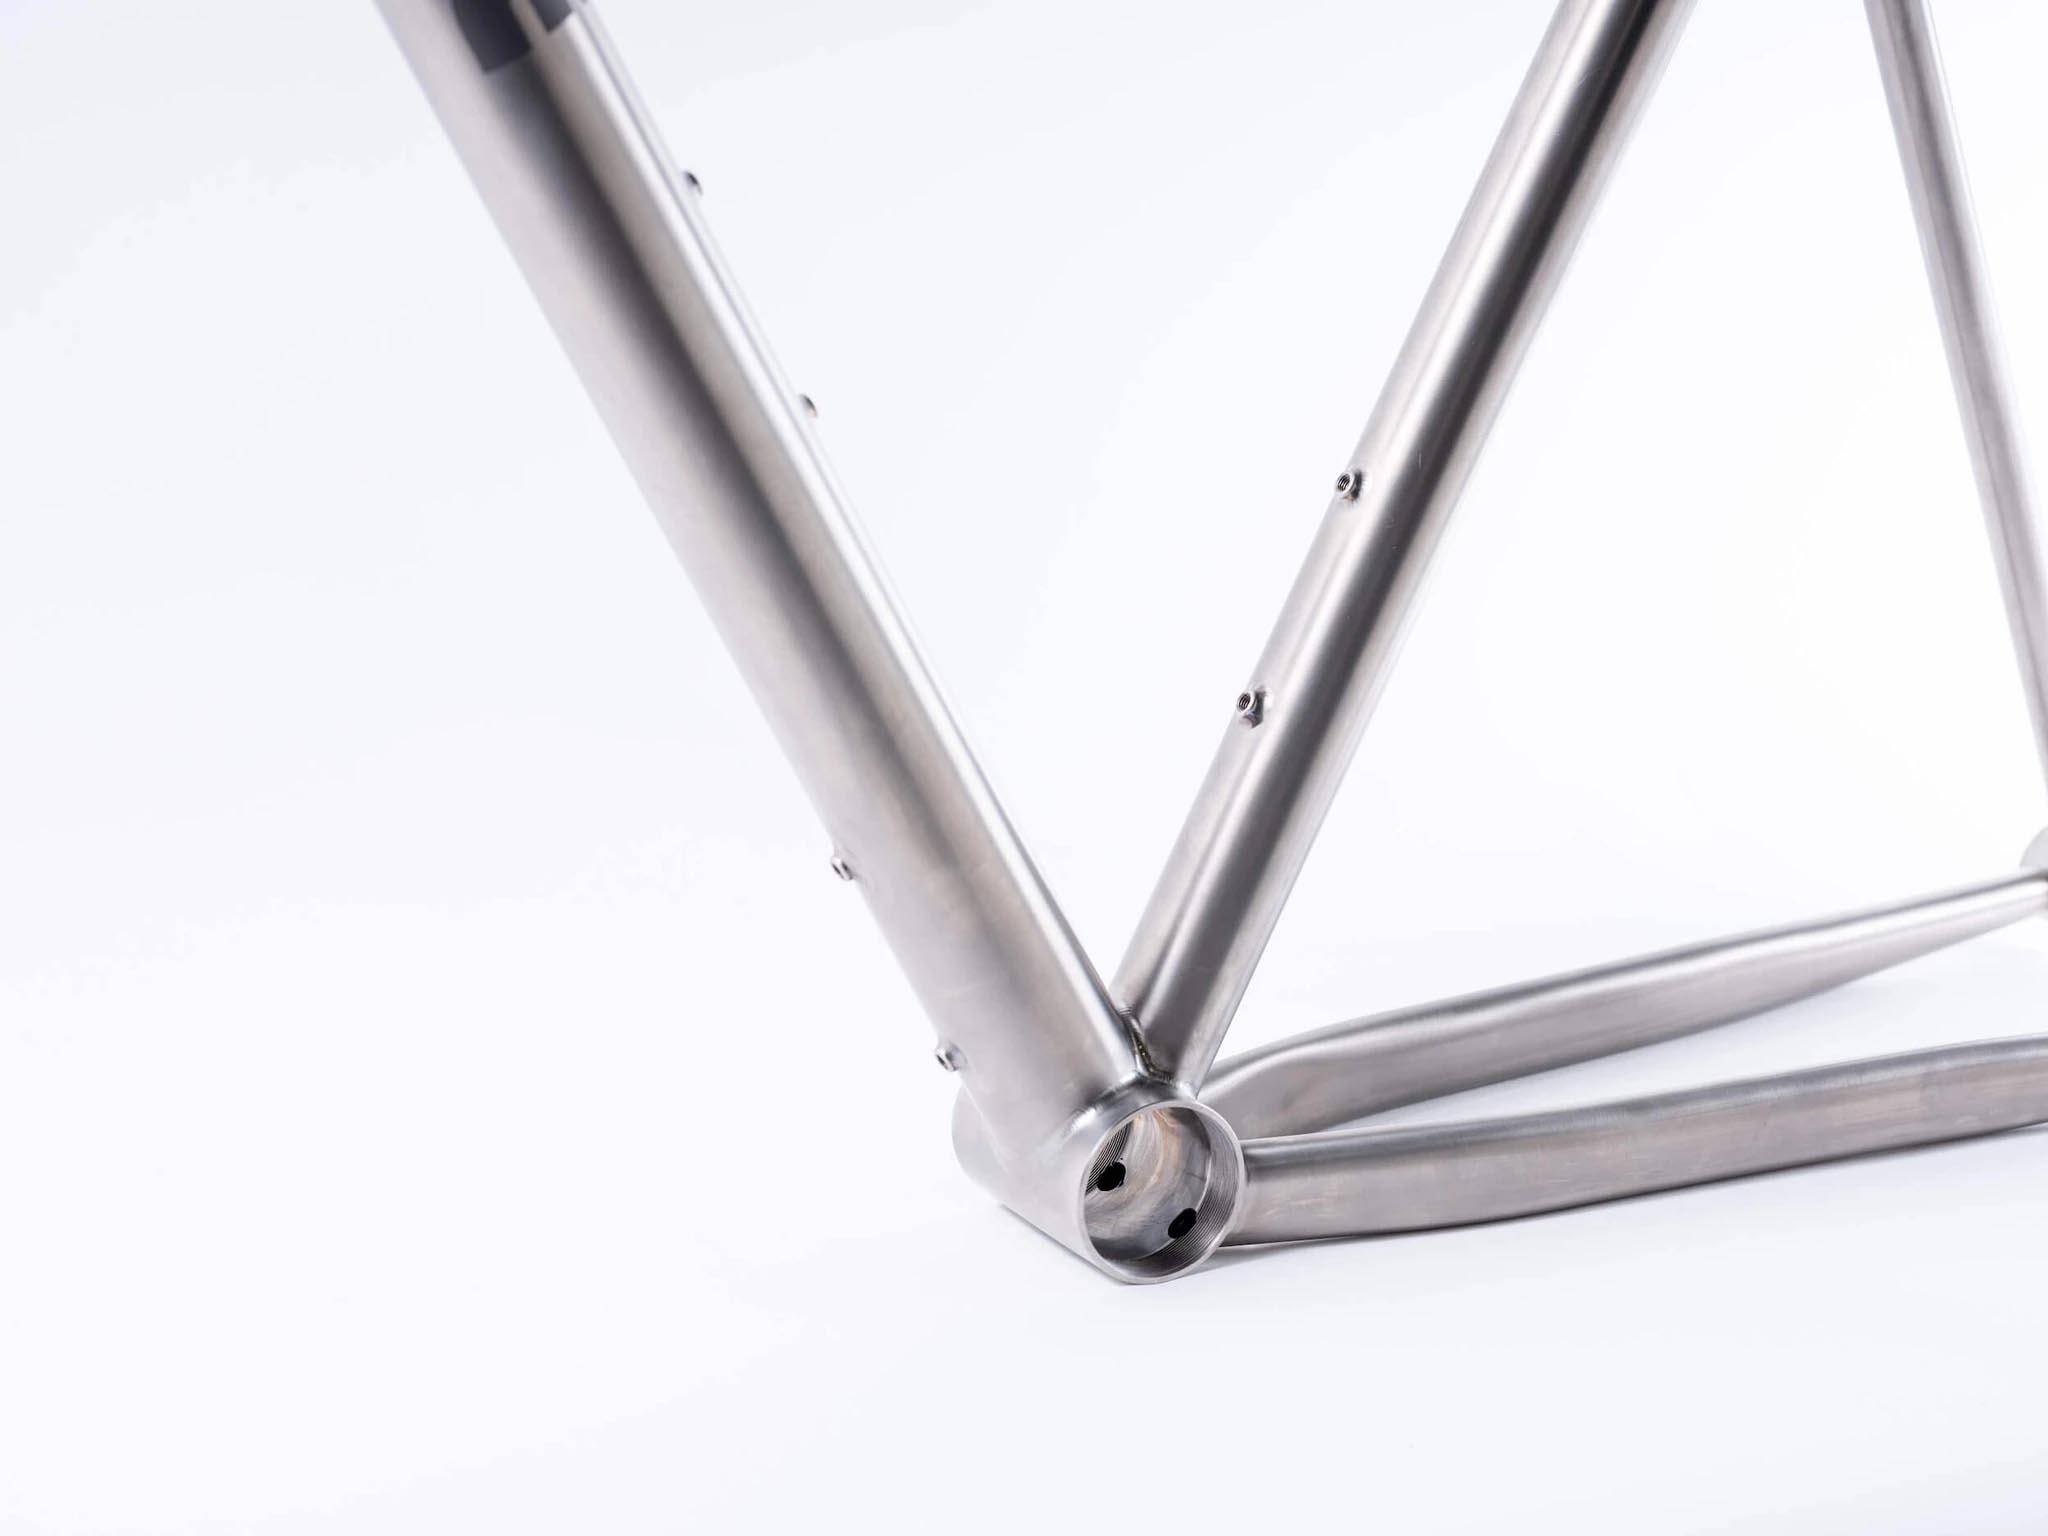 Ritte Satyr 2.0 titanium gravel frame bottom bracket